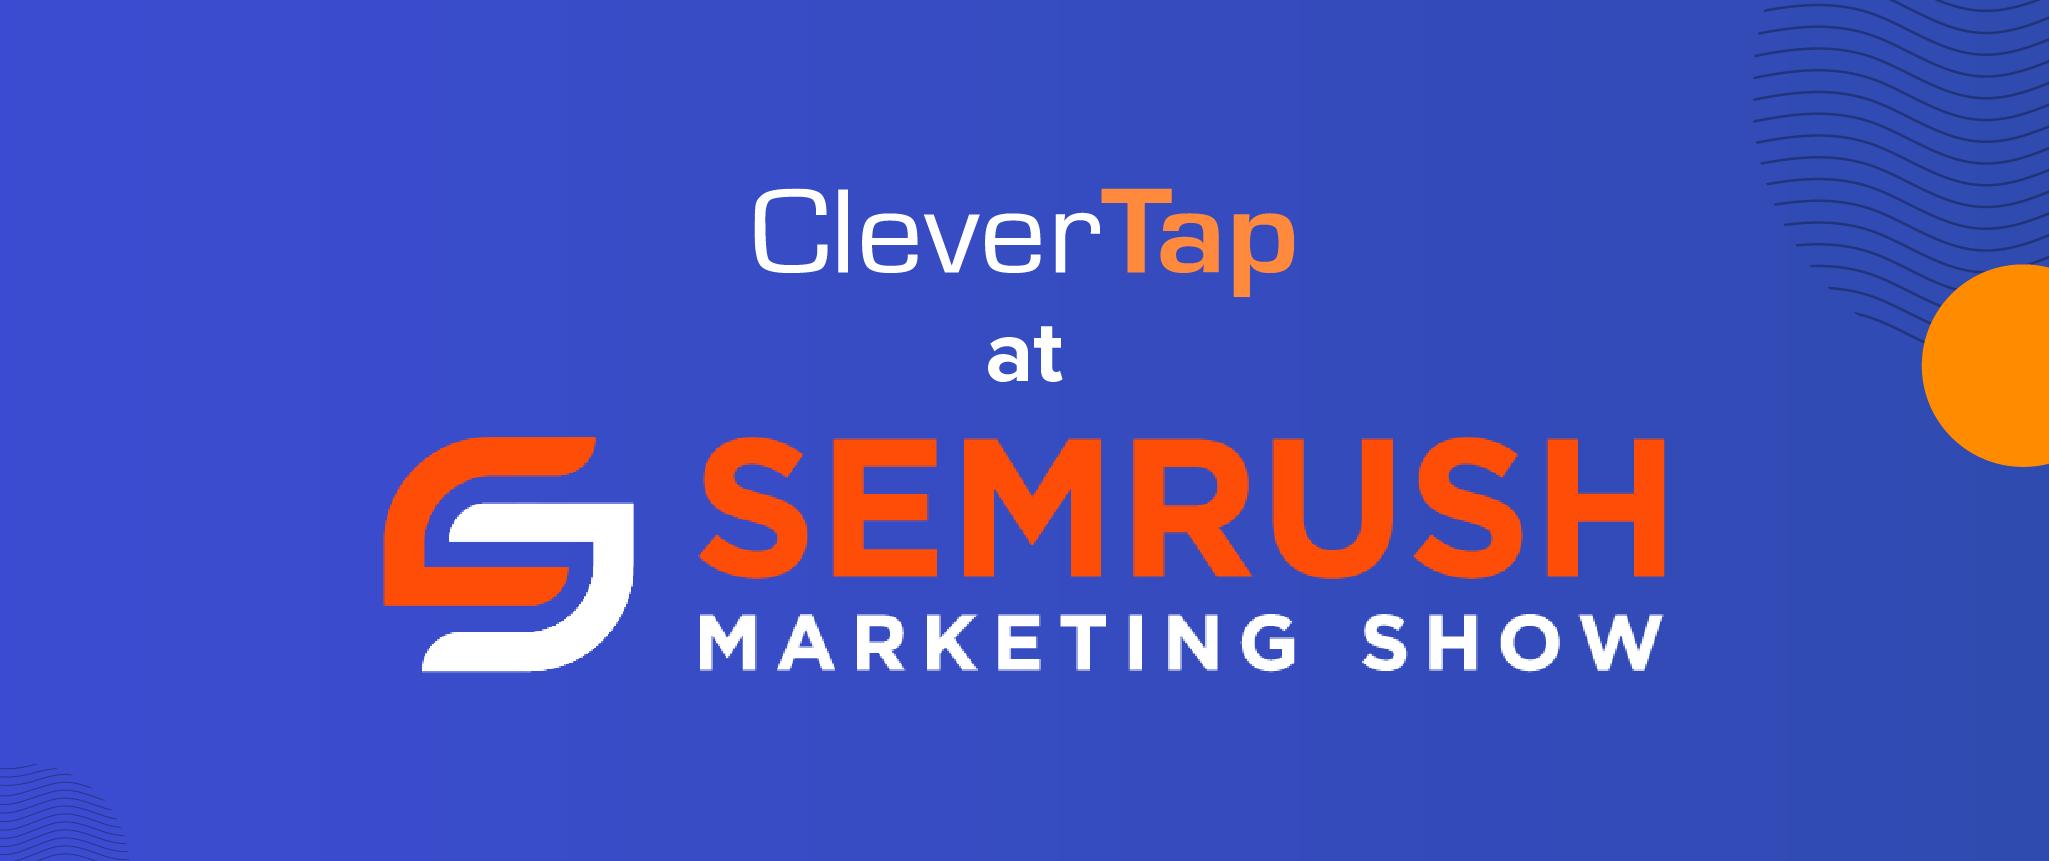 Key Learnings & Takeaways from SEMrush Marketing Show 2019